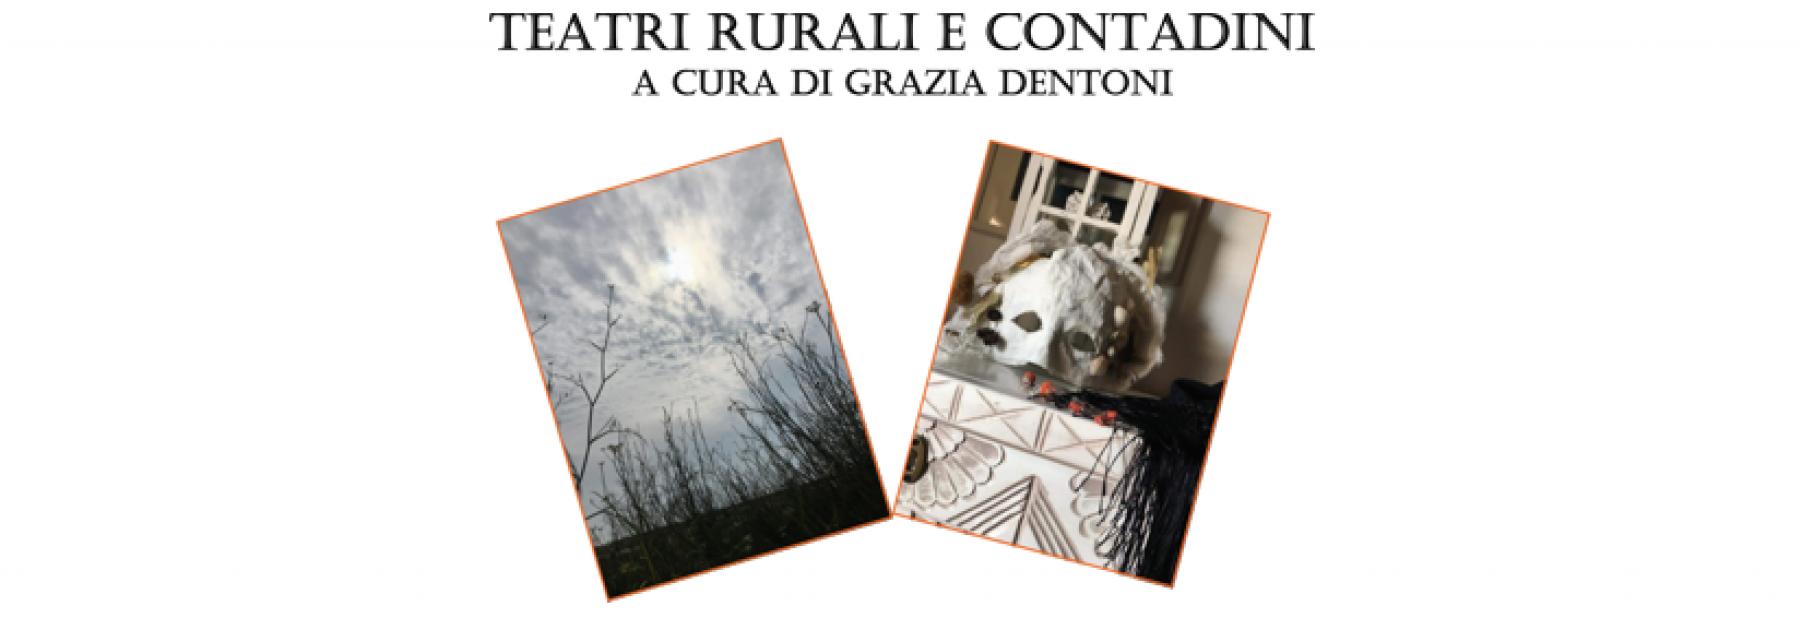 teatri_rurali_contadini